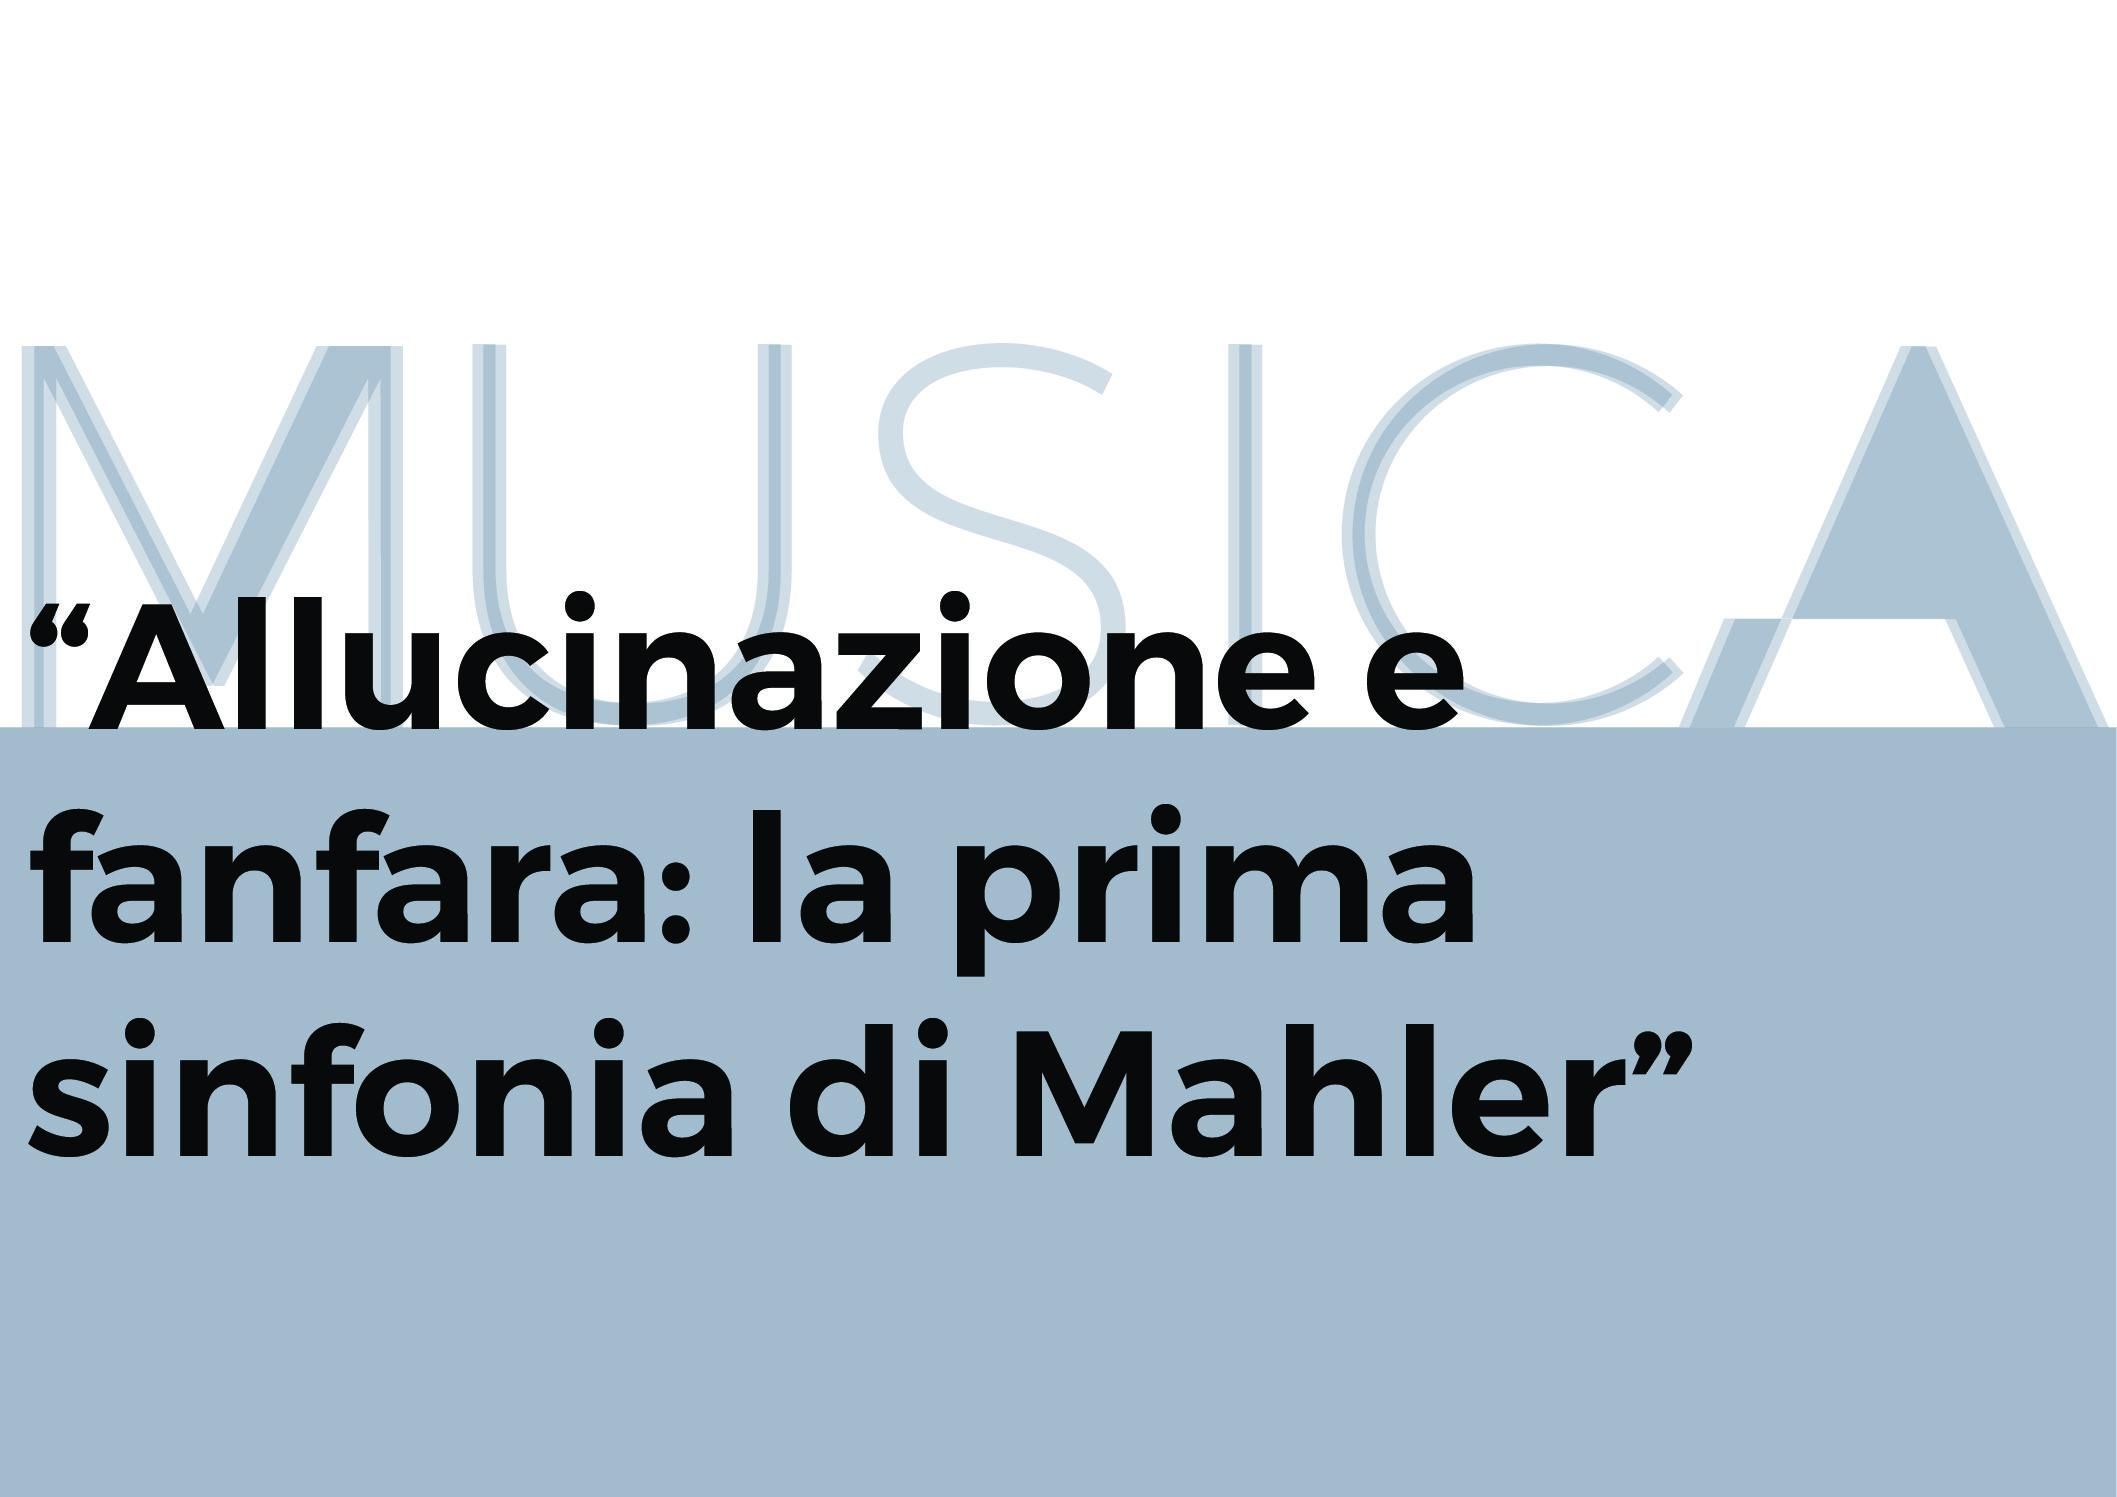 Allucinazione e fanfara: la prima sinfonia di Mahler – immagine